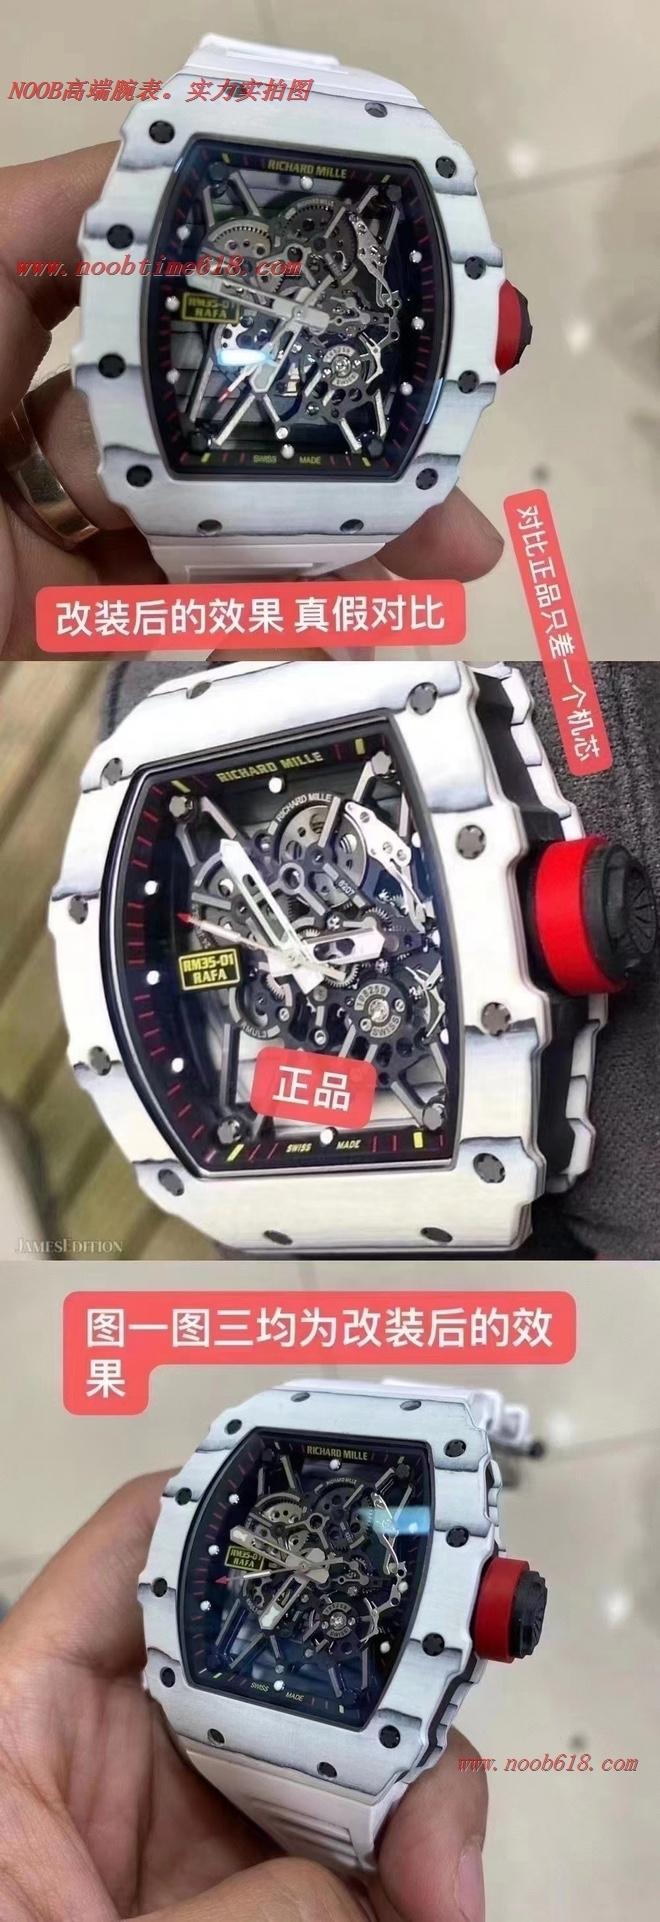 仿錶,精仿錶高級改裝表理查德RM35-01,N廠手錶